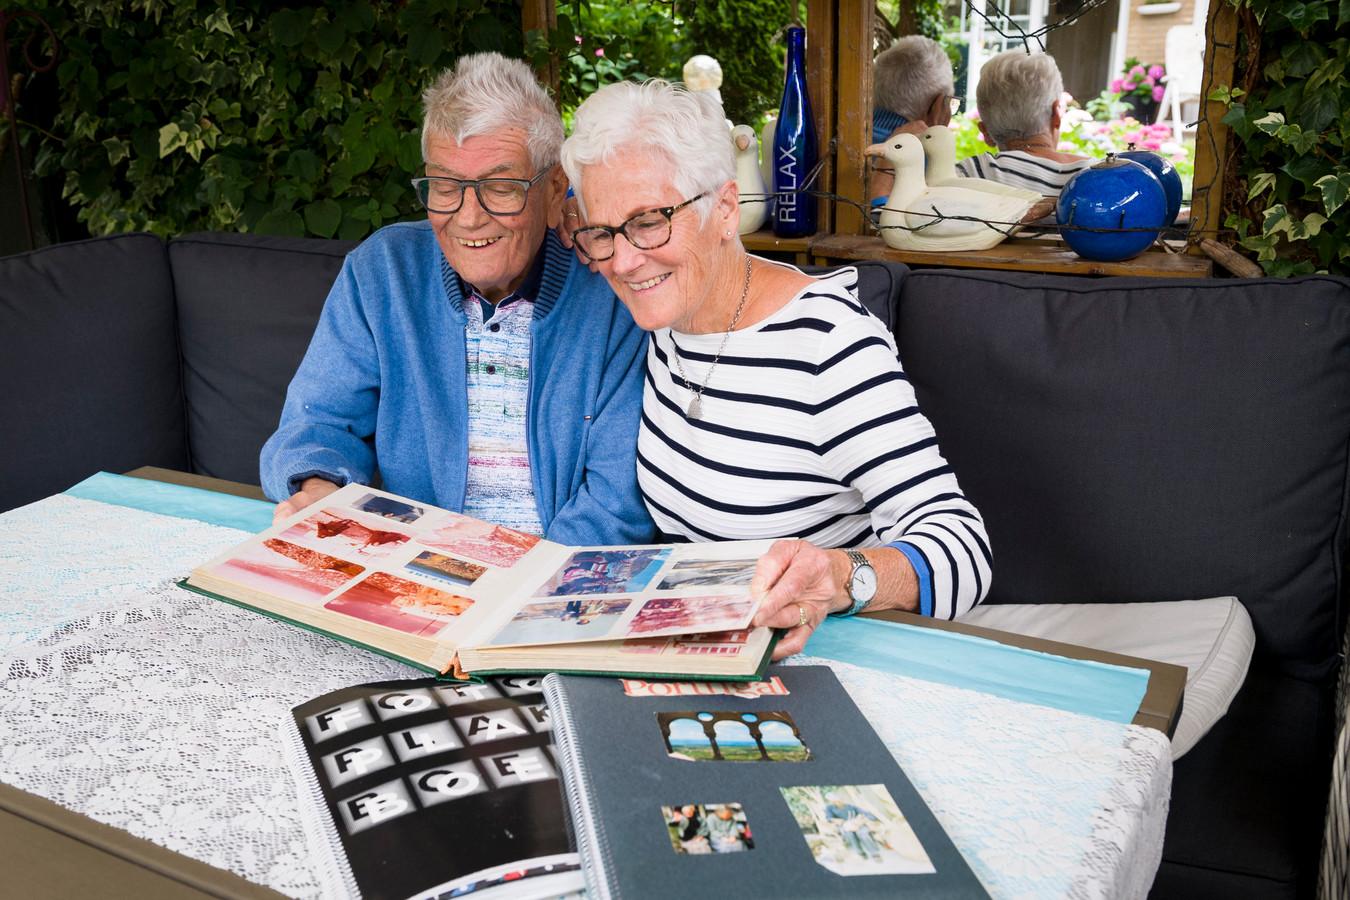 Jan bladert met zijn vrouw Ria door één van de fotoalbums met vakantiekiekjes en haalt herinneringen op.